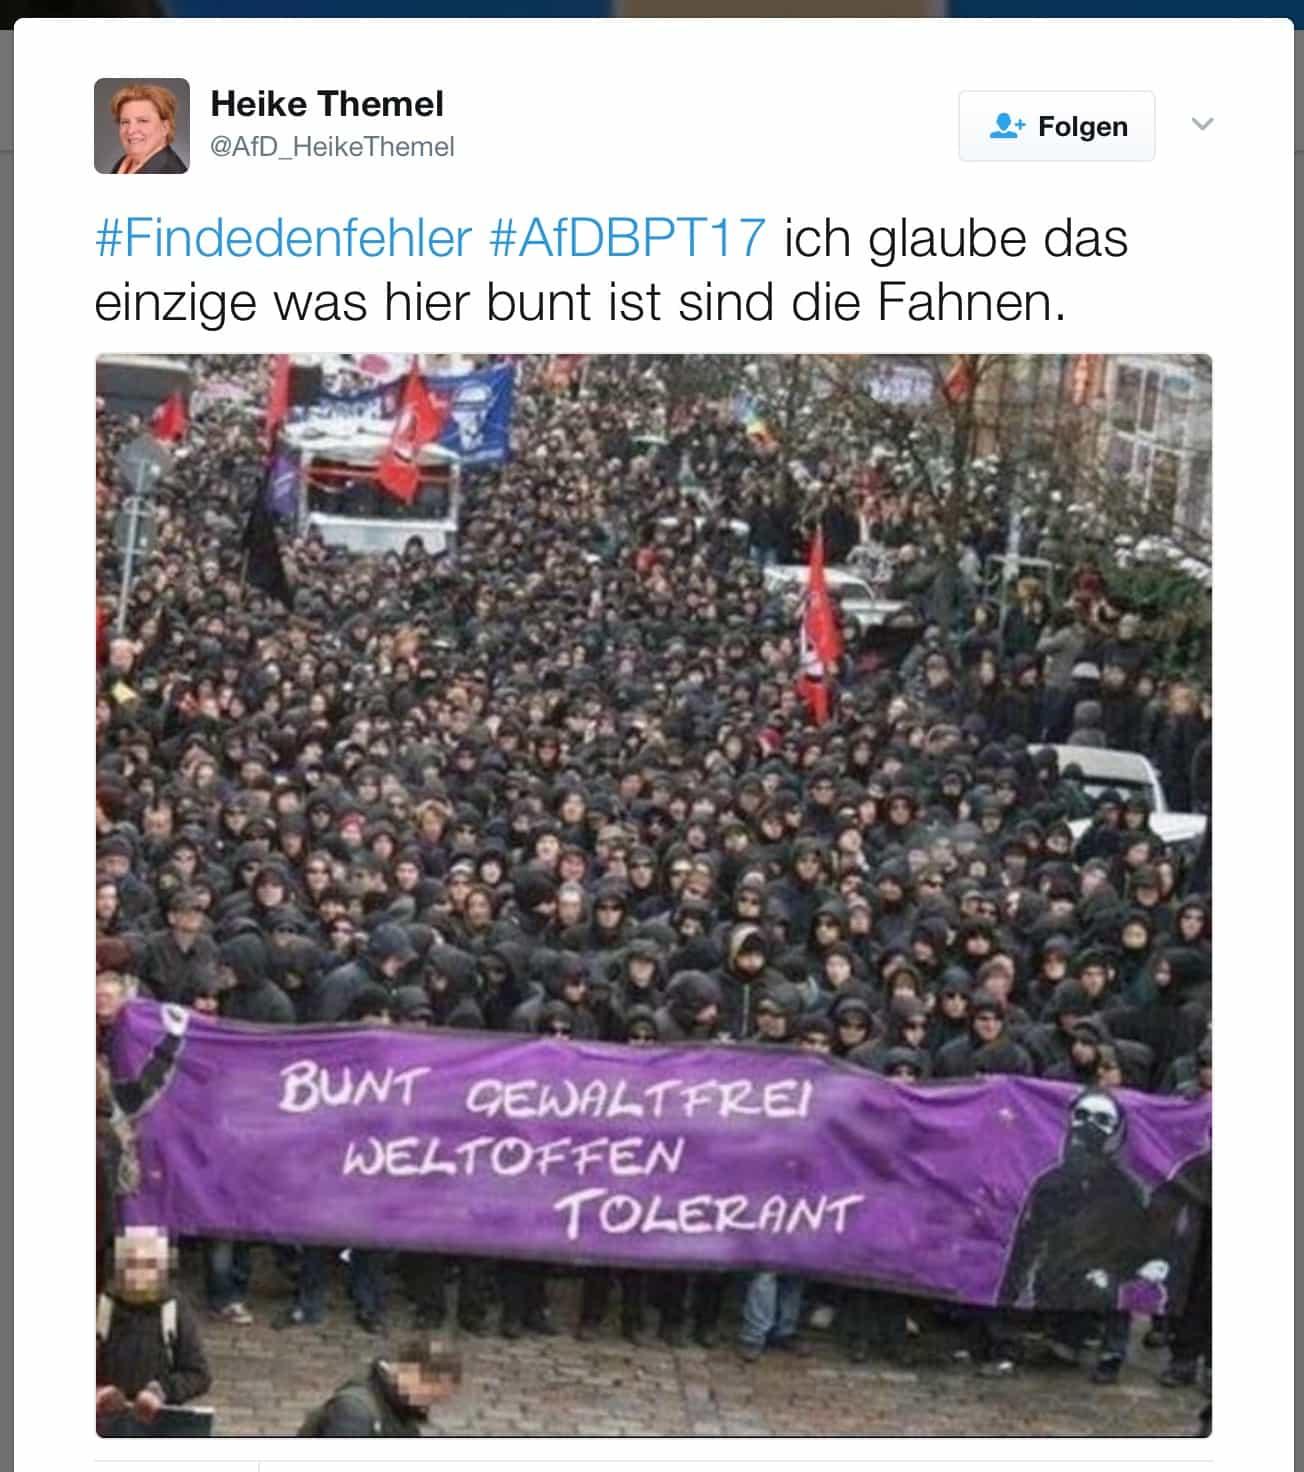 Finden nicht mehr zusammen: AfD und Wahrheit